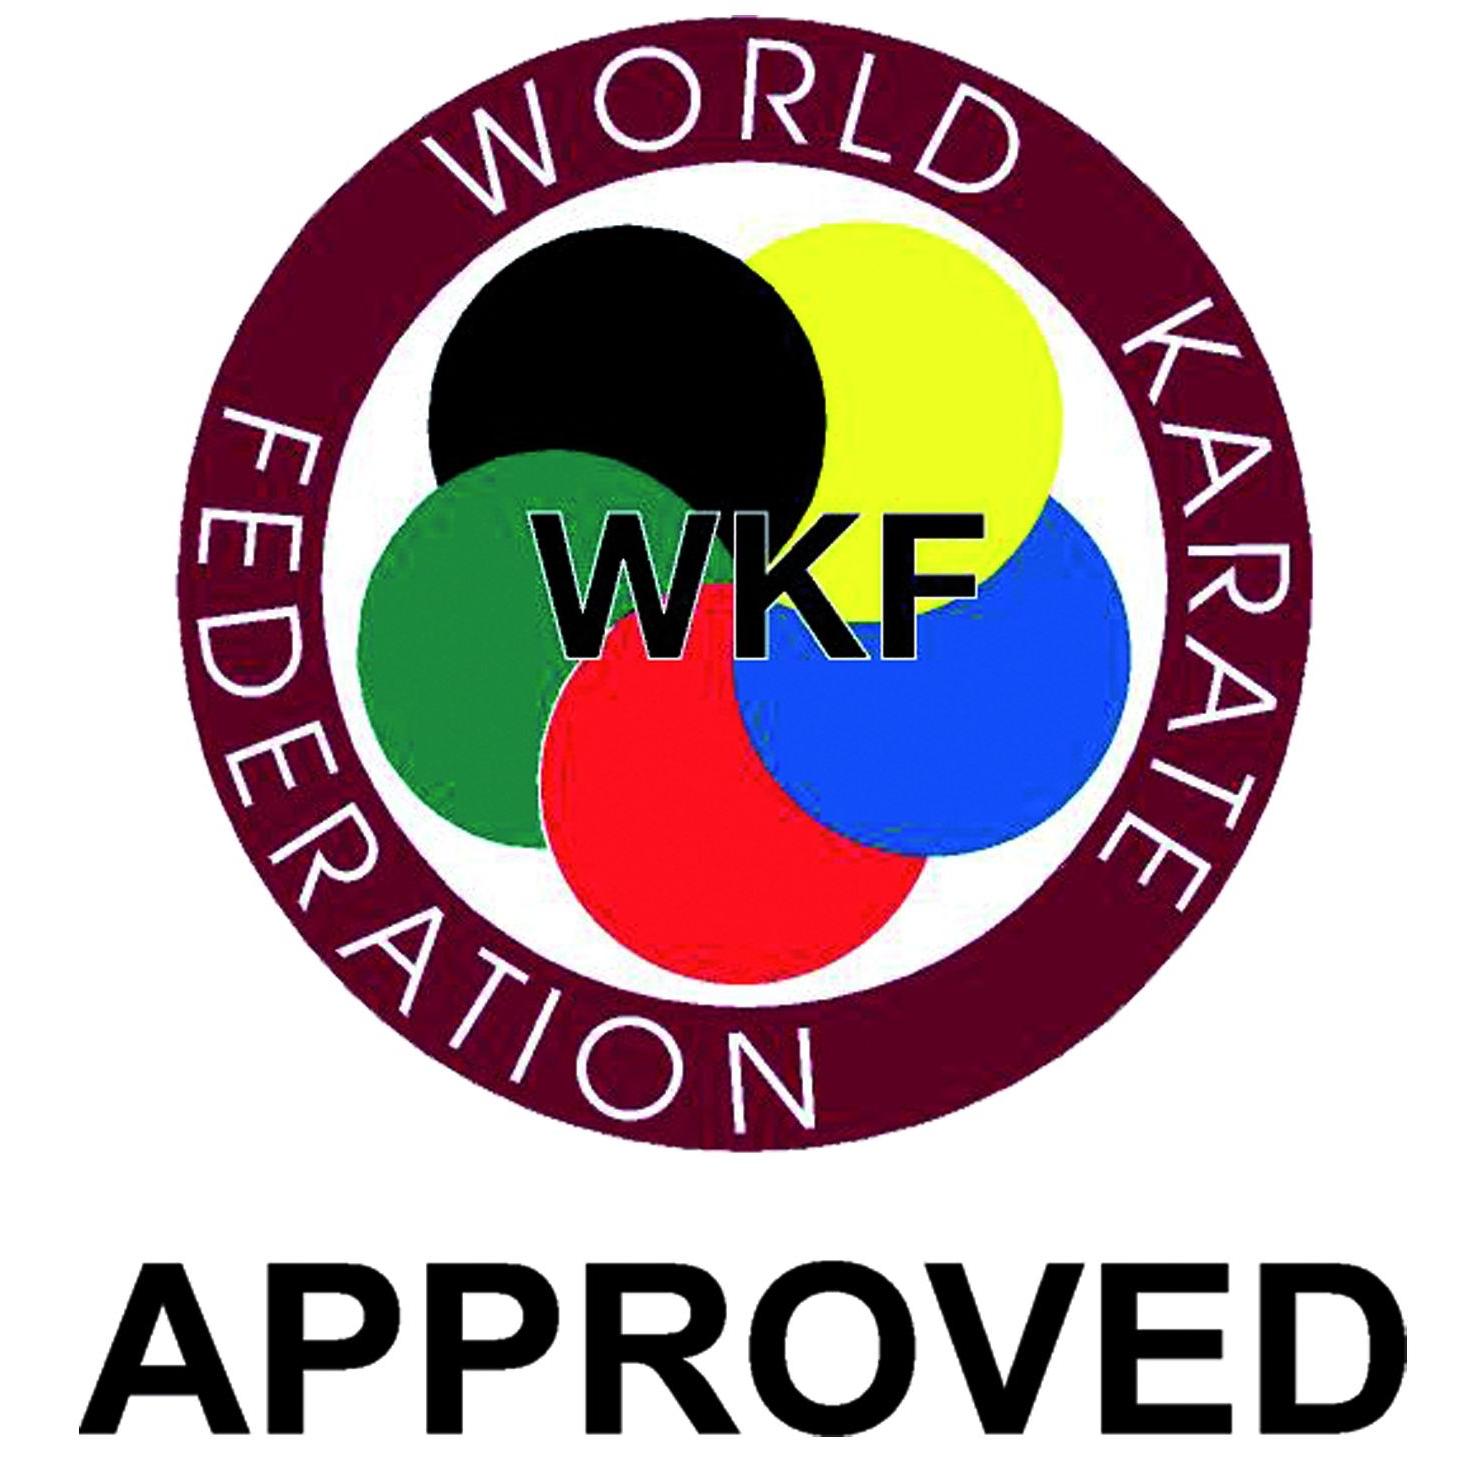 kicksport-wkf-approved-.png